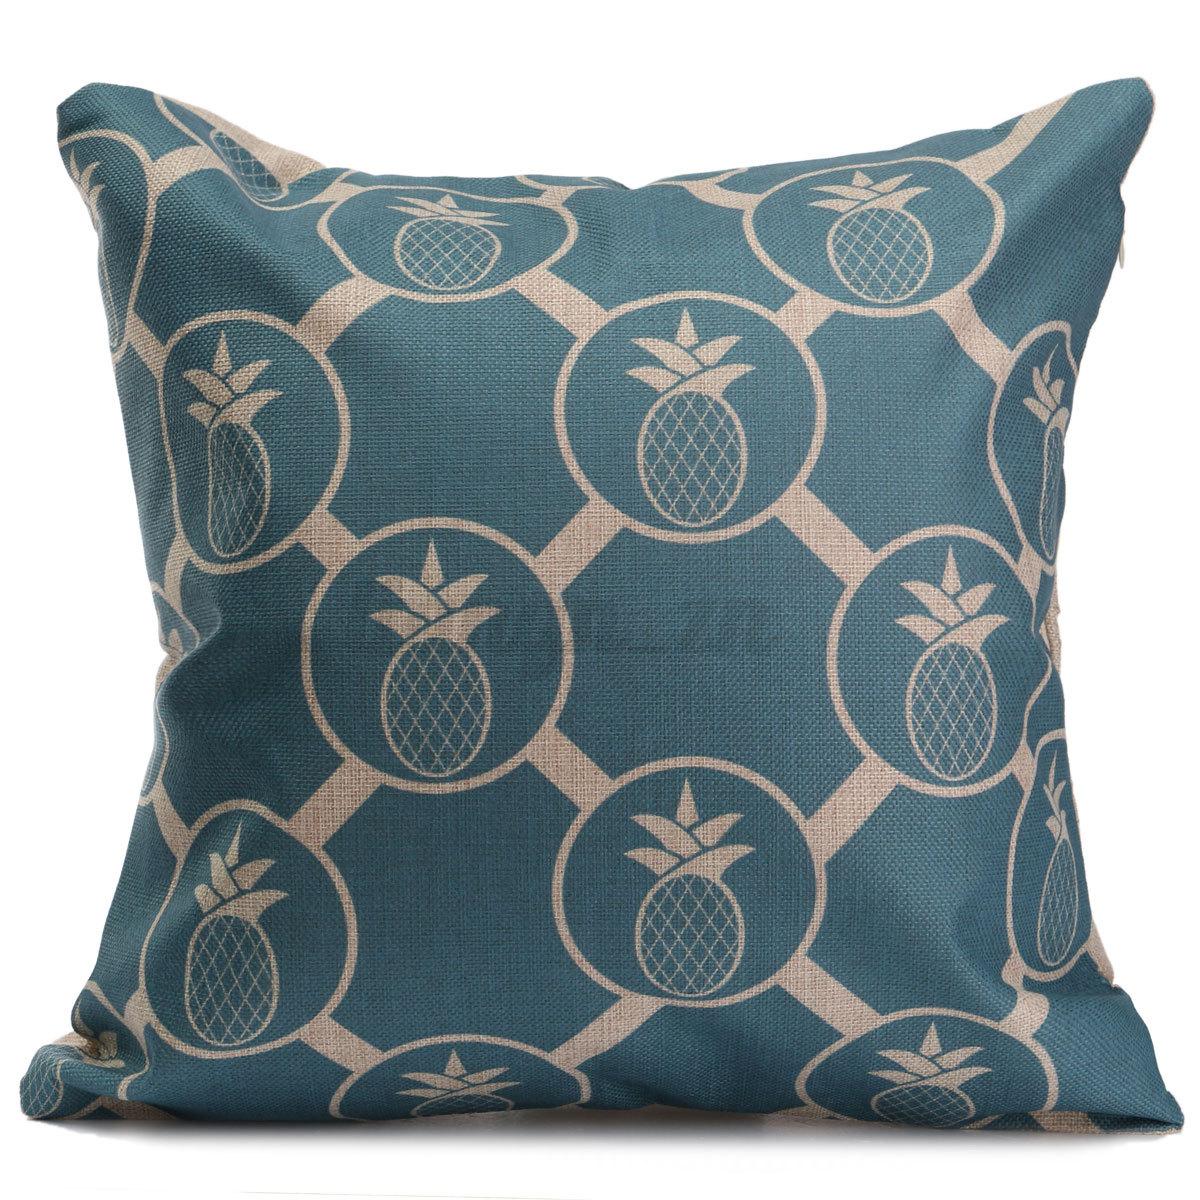 housse de coussin taie d 39 oreiller maison canap lit pillow. Black Bedroom Furniture Sets. Home Design Ideas